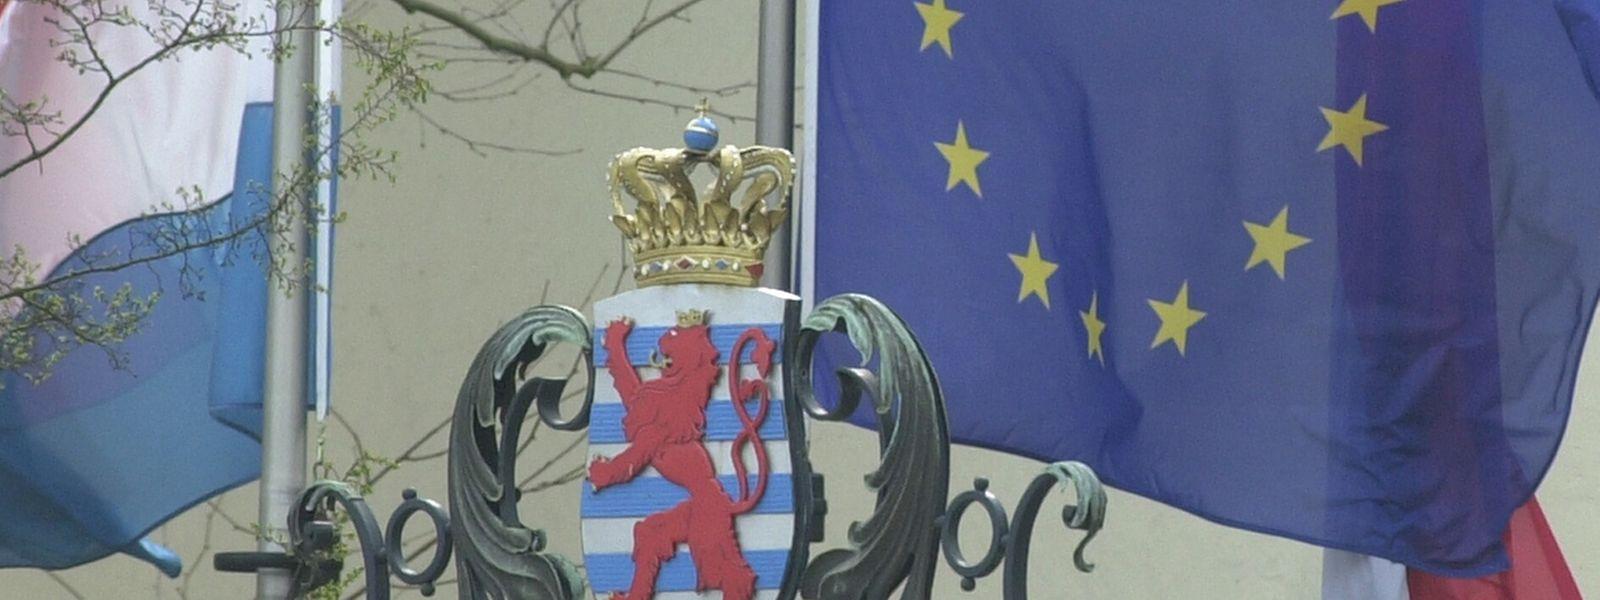 Stehen Nationalstaaten und internationale Bündnisse im Widerspruch?